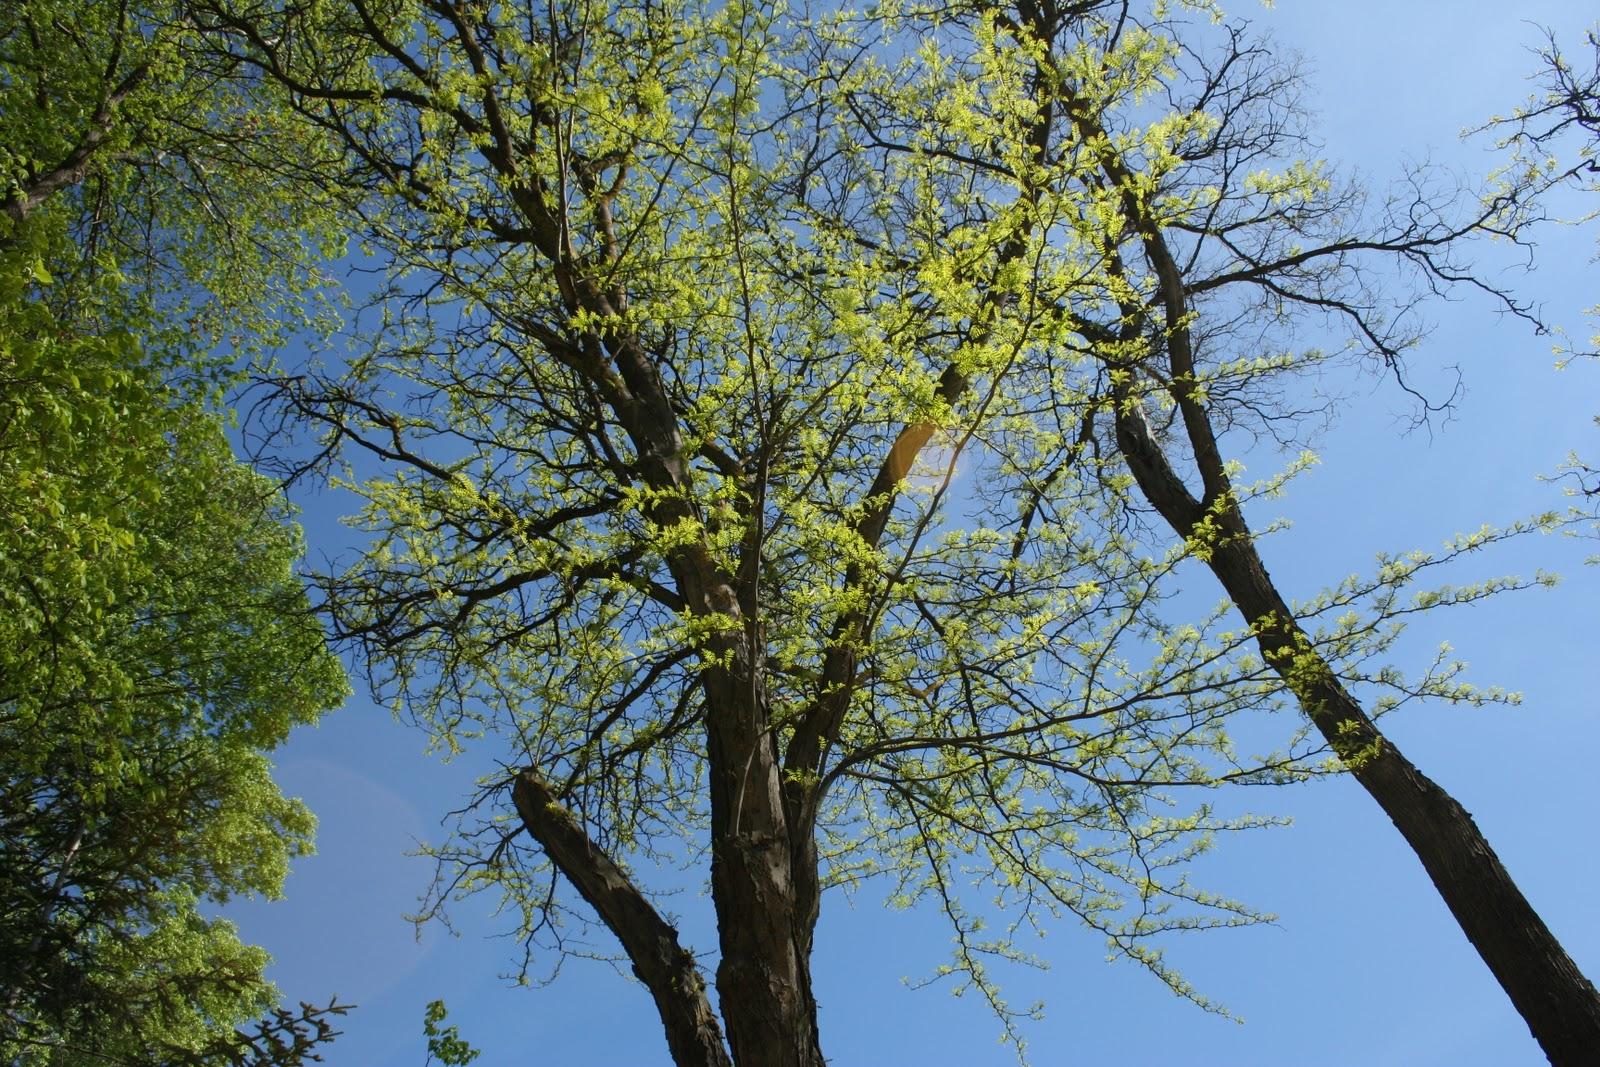 Rutamania arboles y arbustos de la fiesta del arbol - Arboles y arbustos ...